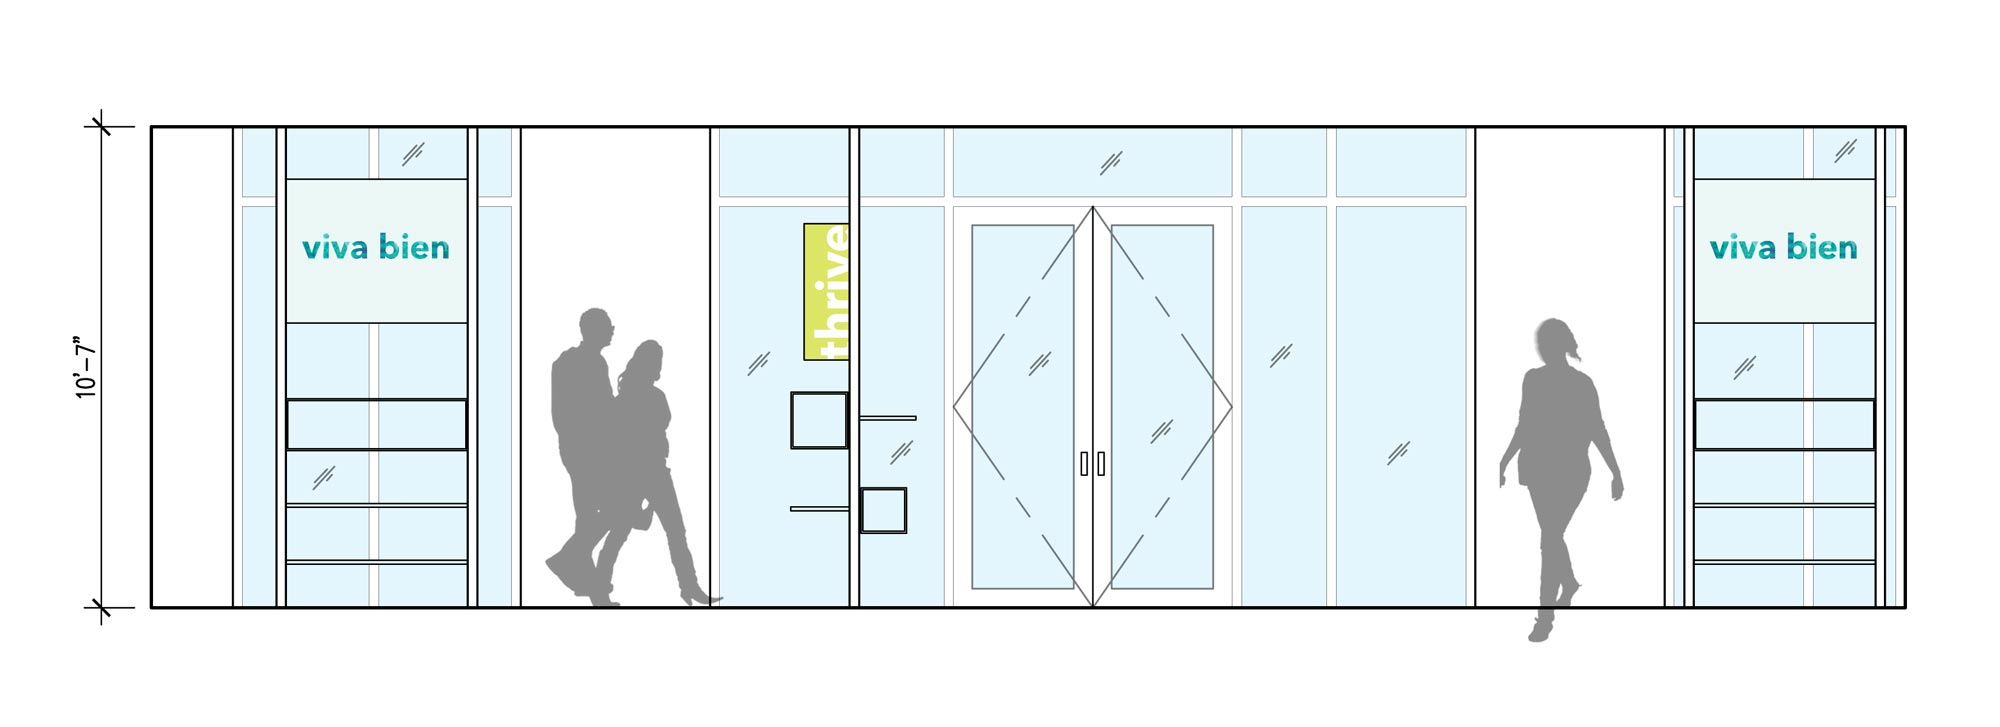 tsao-kp-tech-healthy-living-retail-elev-02.jpg